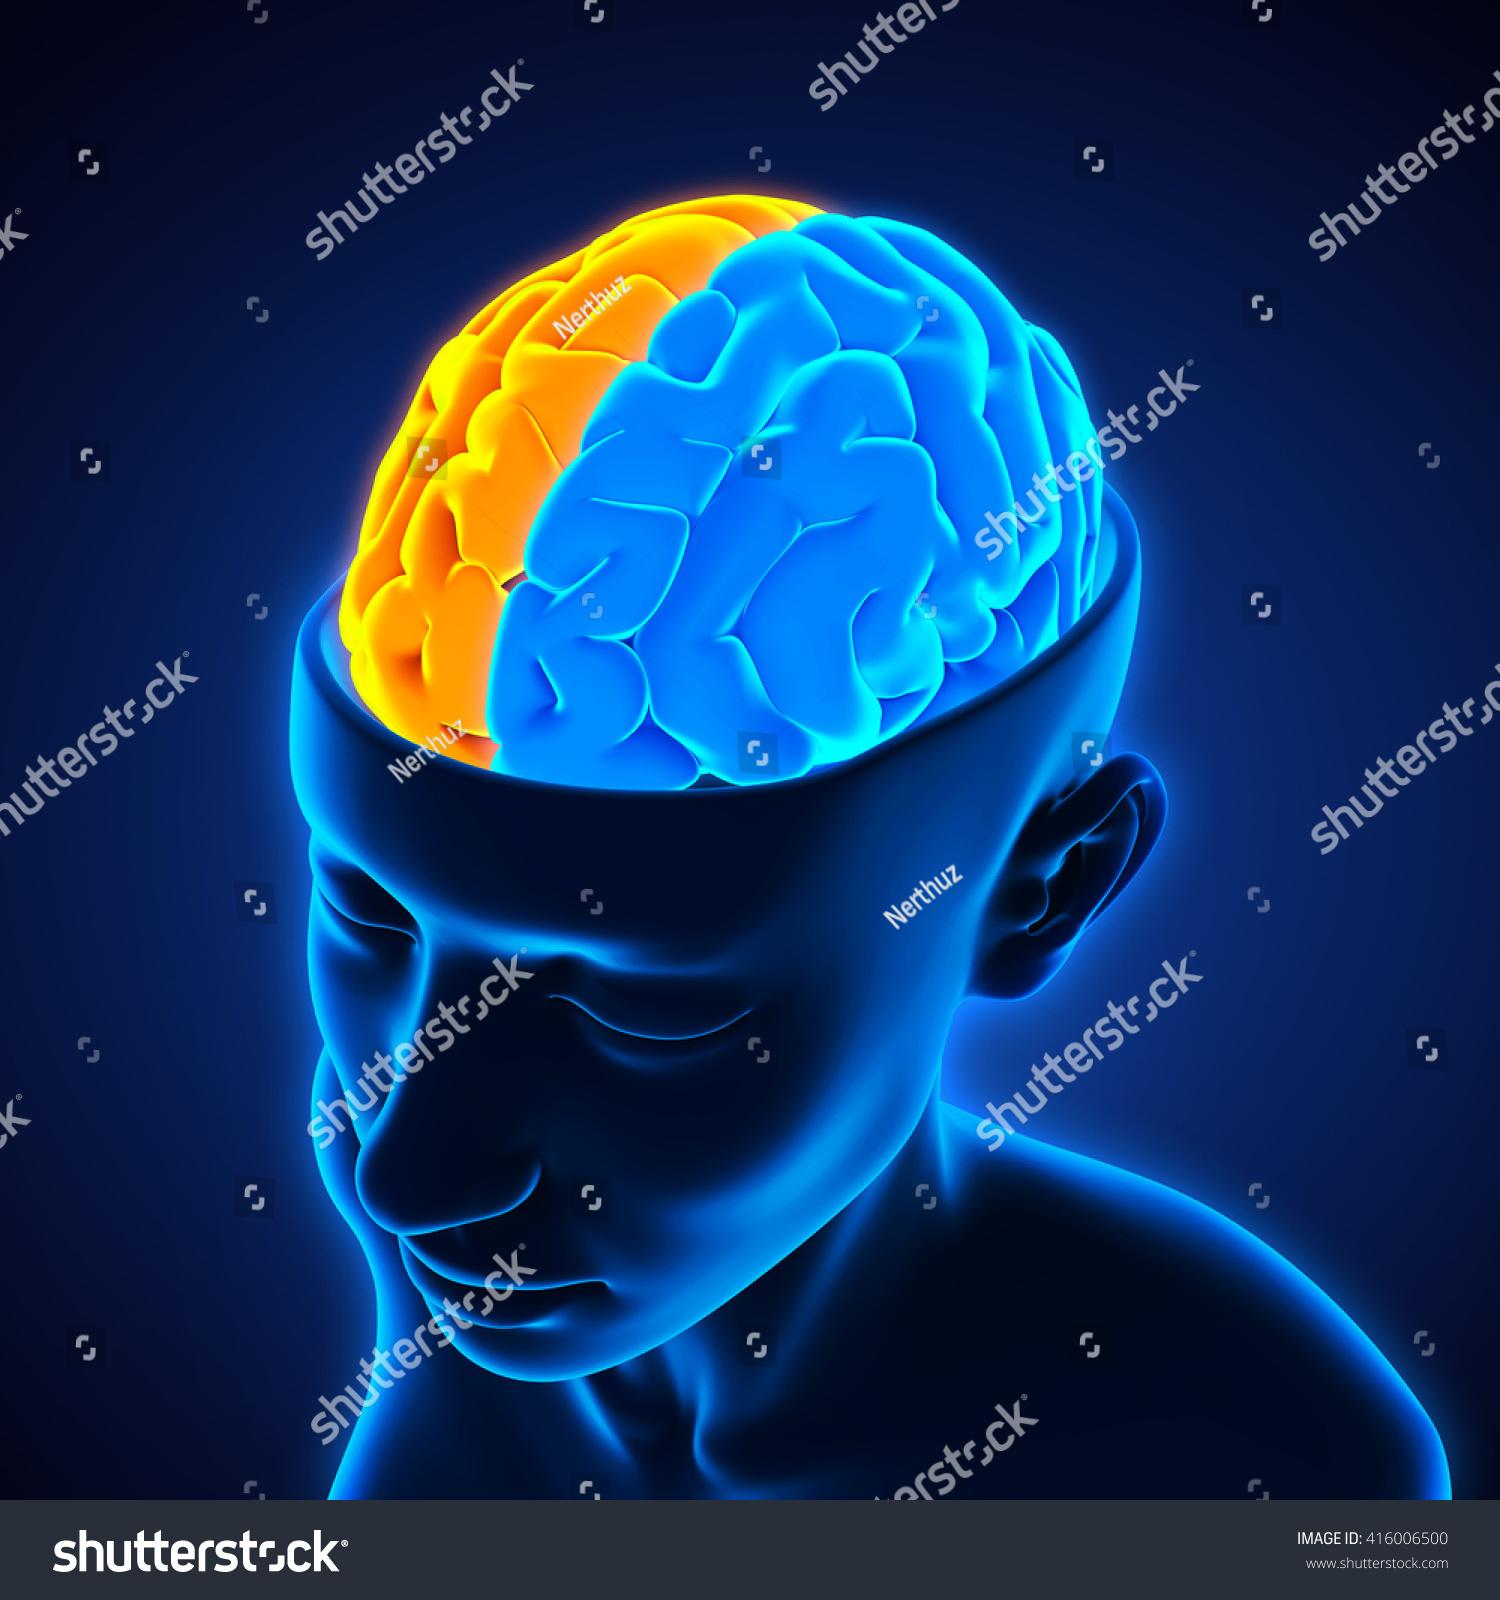 Left Right Human Brain Anatomy Illustration Stock Illustration ...